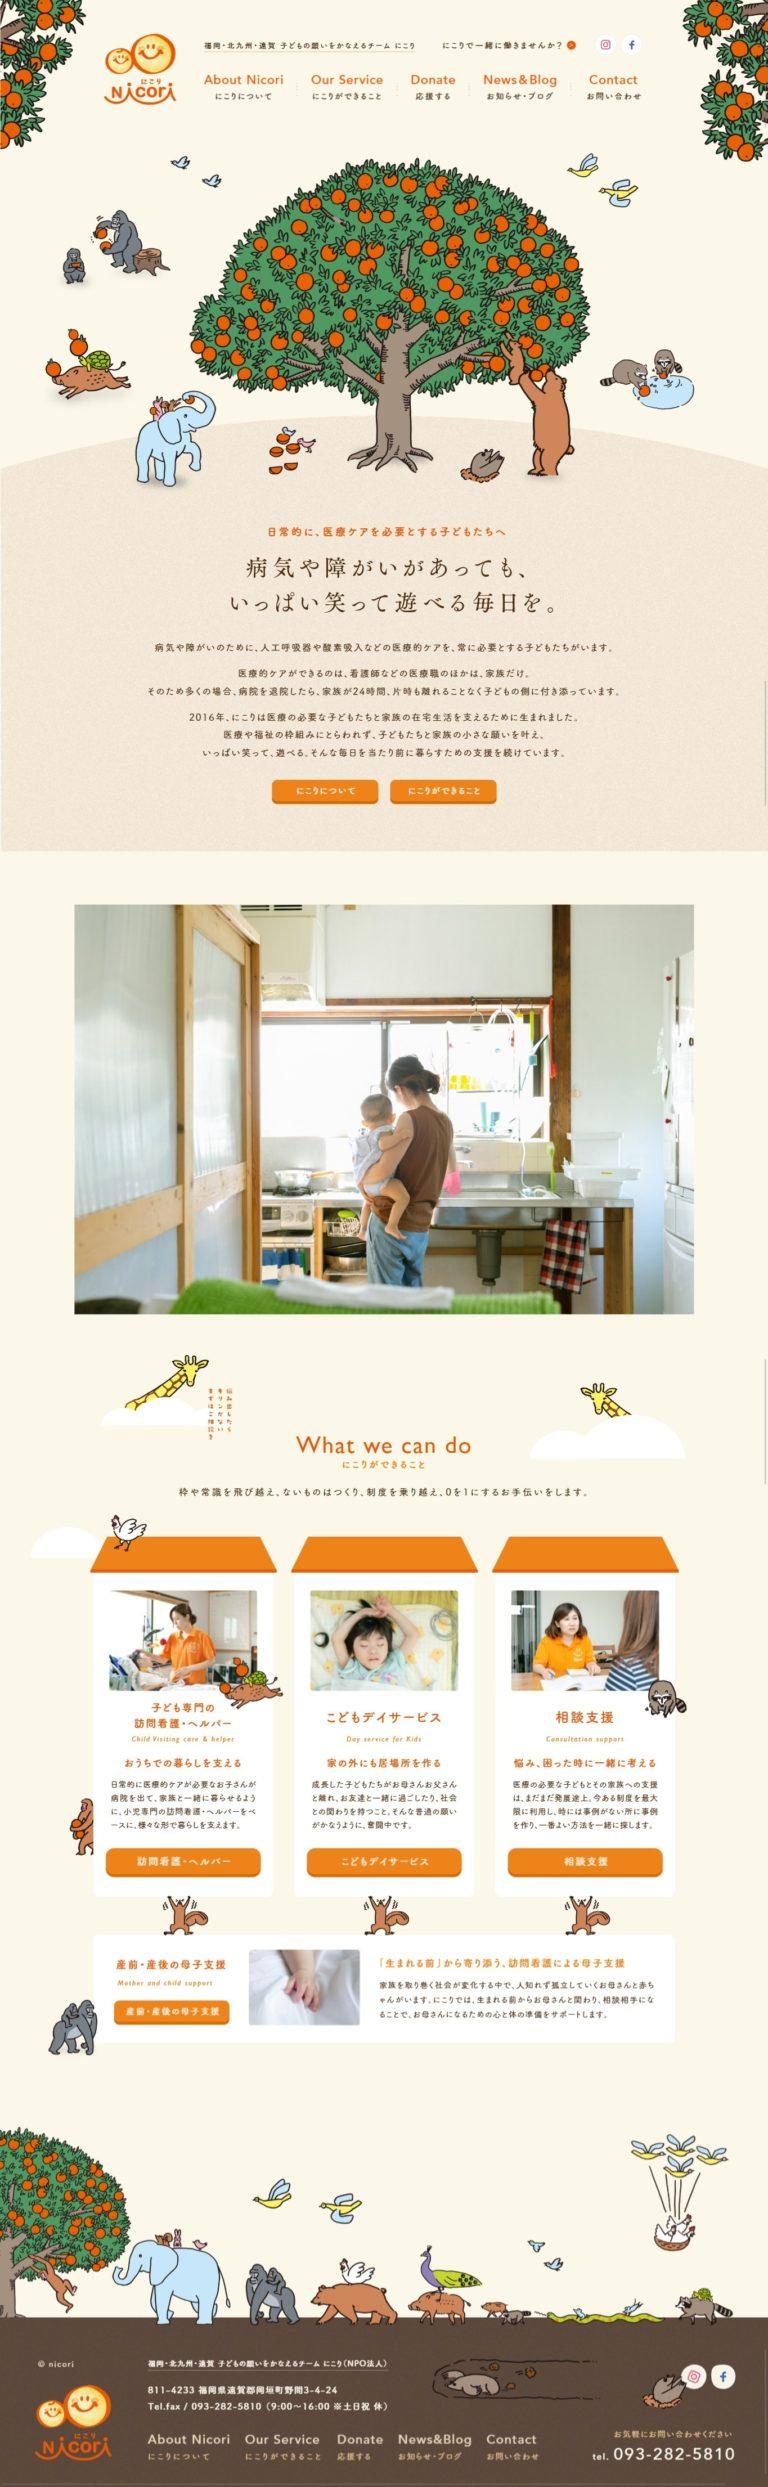 にこり | 福岡・北九州 小児の訪問看護・ヘルパー・児童発達支援・放課後等デイサービス